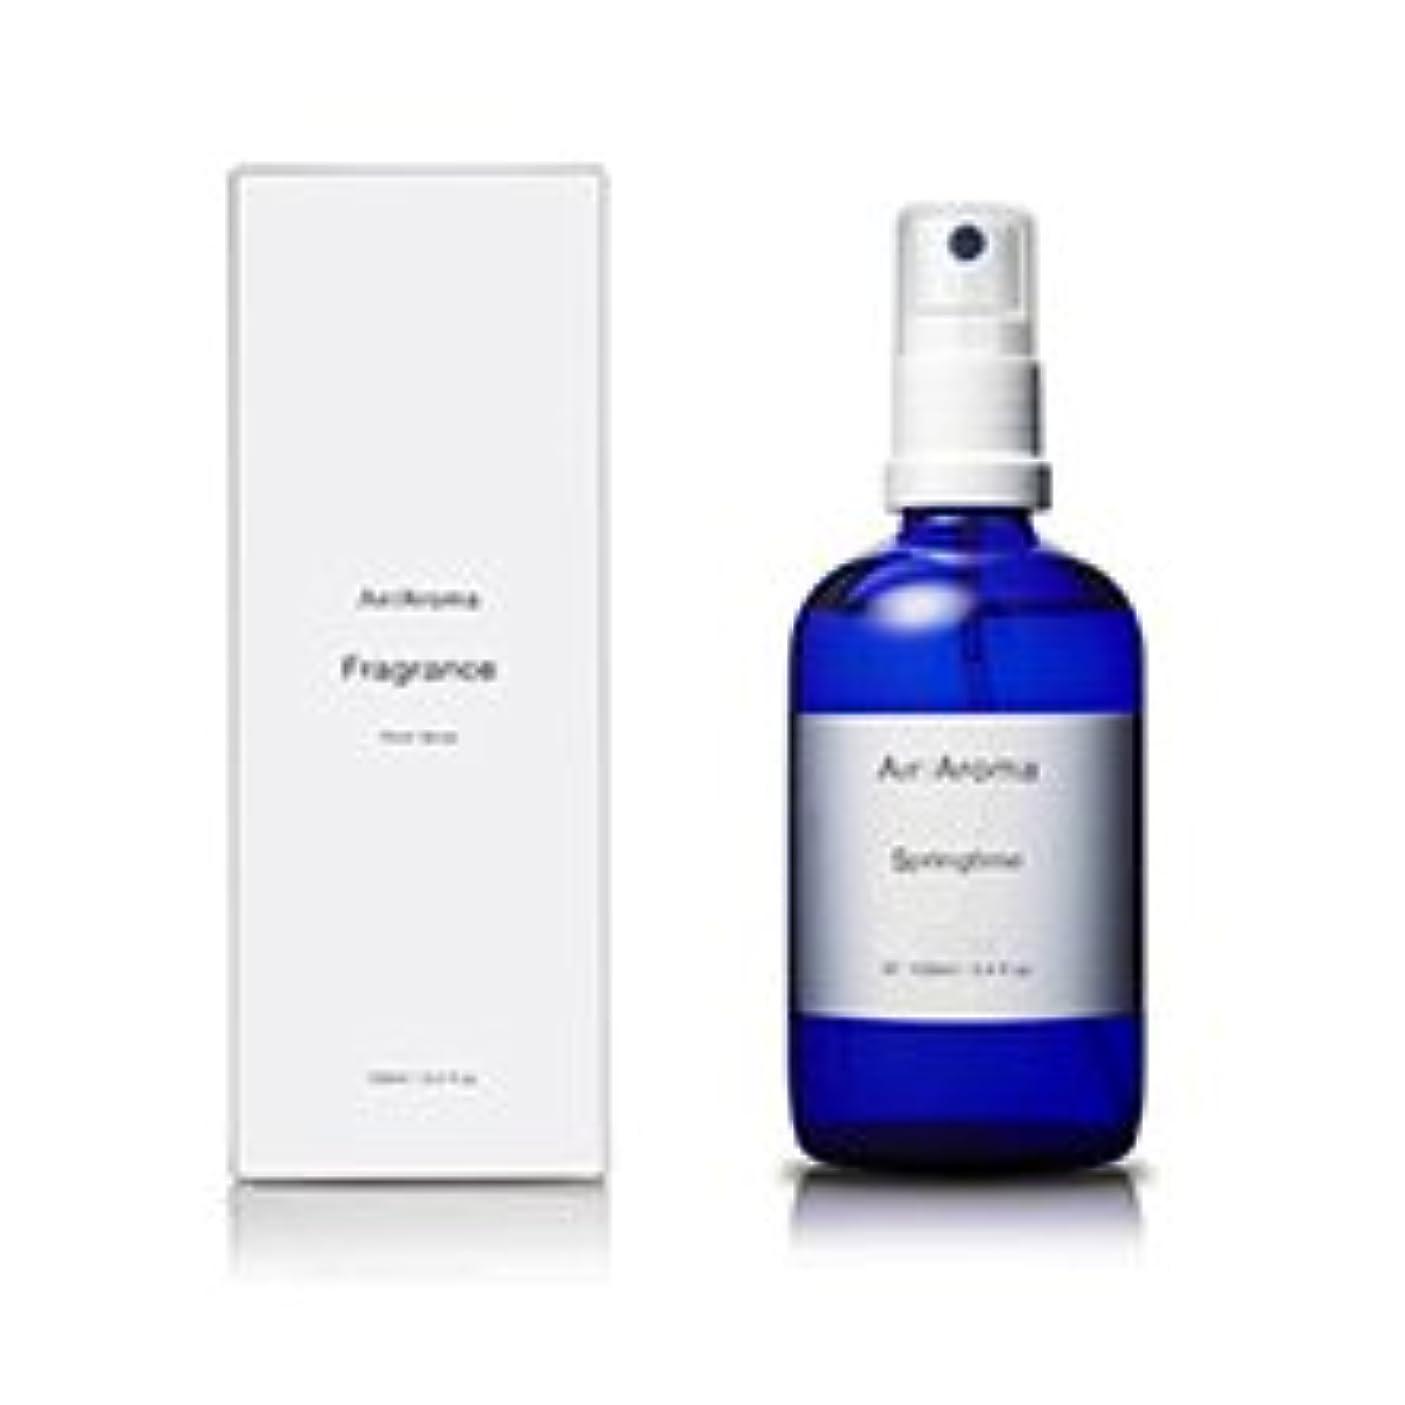 一般的な広範囲に遅いエアアロマ springtime room fragrance(スプリングタイム ルームフレグランス)100ml